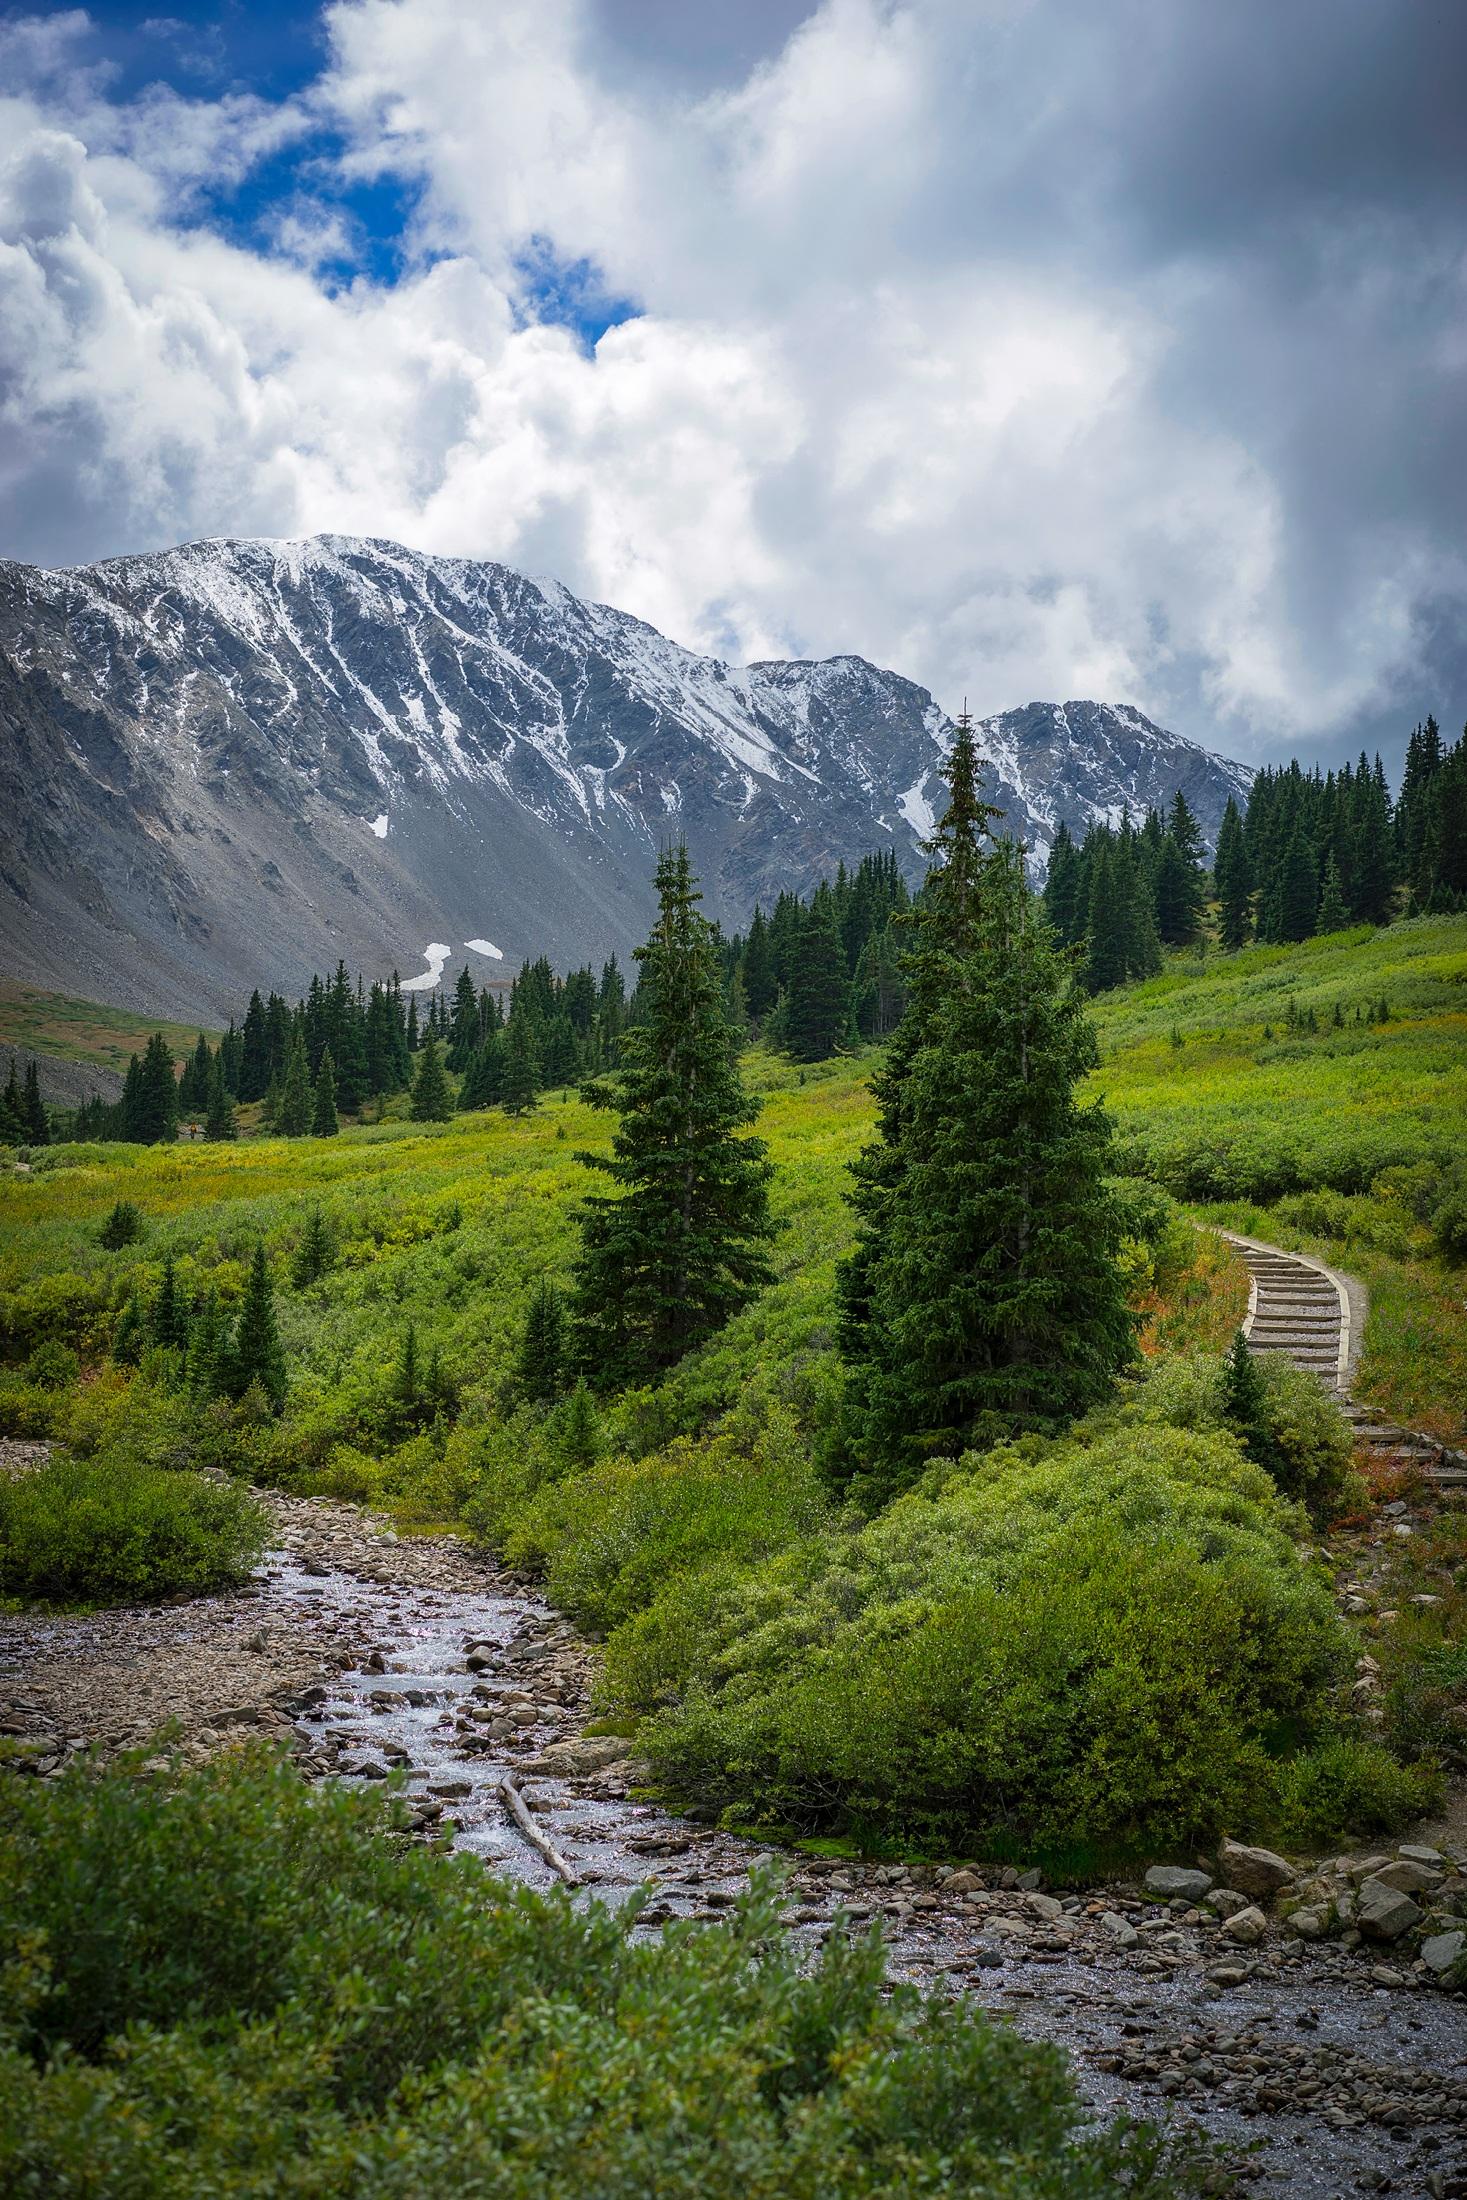 550 Gambar Pemandangan Gunung Yang Indah HD Terbaik